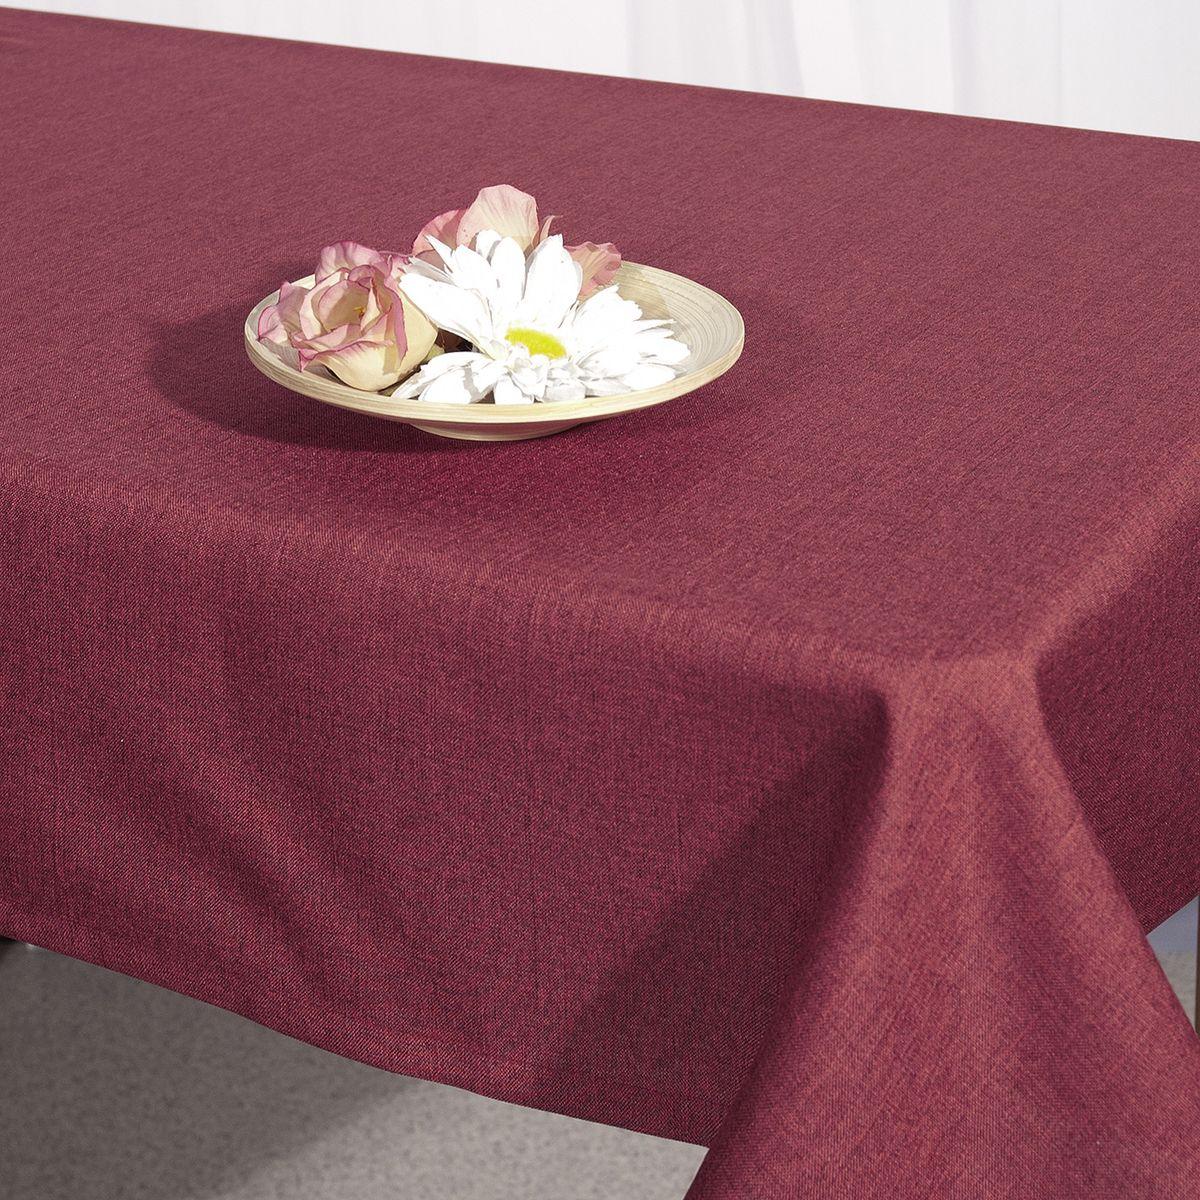 Скатерть Schaefer, прямоугольная, цвет: бордовый, 130 x 170 см. 07056-42907056-429Стильная скатерть Schaefer выполнена из полиэстера.Изделия из полиэстера легко стирать: они не мнутся, не садятся и быстро сохнут, они более долговечны, чем изделия из натуральных волокон.Немецкая компания Schaefer создана в 1921 году. На протяжении всего времени существования она создает уникальные коллекции домашнего текстиля для гостиных, спален, кухонь и ванных комнат. Дизайнерские идеи немецких художников компании Schaefer воплощаются в текстильных изделиях, которые сделают ваш дом красивее и уютнее и не останутся незамеченными вашими гостями. Дарите себе и близким красоту каждый день!